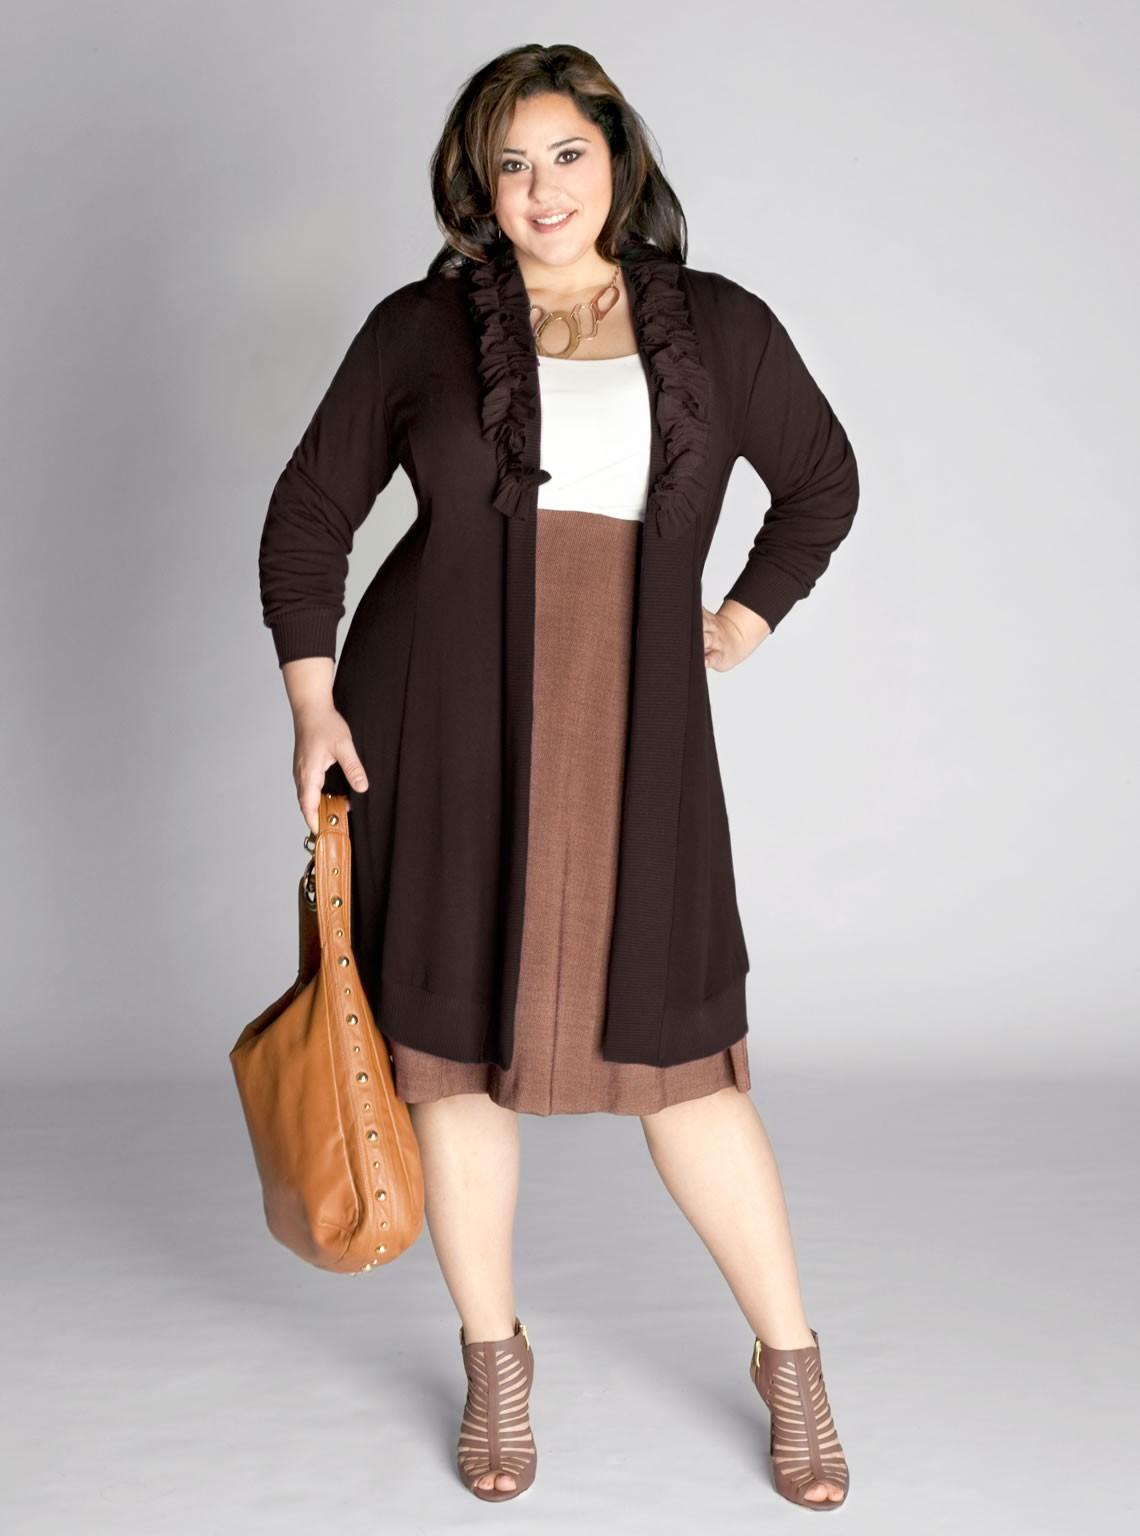 недорогие платья греческого стиля большого размера